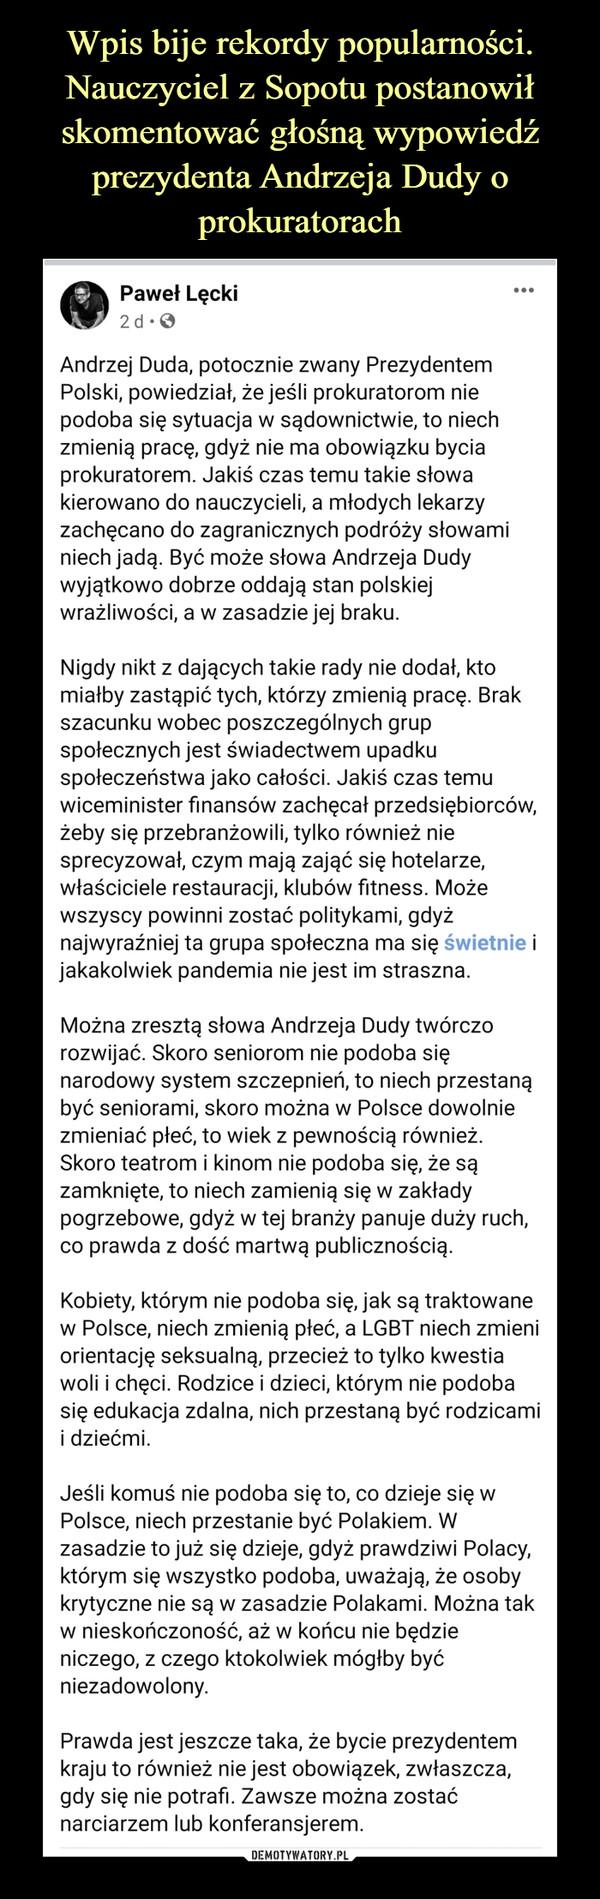 –  Andrzej Duda, potocznie zwany Prezydentem Polski, powiedział, że jeśli prokuratorom nie podoba się sytuacja w sądownictwie, to niech zmienią pracę, gdyż nie ma obowiązku bycia prokuratorem. Jakiś czas temu takie słowa kierowano do nauczycieli, a młodych lekarzy zachęcano do zagranicznych podróży słowami niech jadą. Być może słowa Andrzeja Dudy wyjątkowo dobrze oddają stan polskiej wrażliwości, a w zasadzie jej braku.Nigdy nikt z dających takie rady nie dodał, kto miałby zastąpić tych, którzy zmienią pracę. Brak szacunku wobec poszczególnych grup społecznych jest świadectwem upadku społeczeństwa jako całości. Jakiś czas temu wiceminister finansów zachęcał przedsiębiorców, żeby się przebranżowili, tylko również nie sprecyzował, czym mają zająć się hotelarze, właściciele restauracji, klubów fitness. Może wszyscy powinni zostać politykami, gdyż najwyraźniej ta grupa społeczna ma się świetnie i jakakolwiek pandemia nie jest im straszna.Można zresztą słowa Andrzeja Dudy twórczo rozwijać. Skoro seniorom nie podoba się narodowy system szczepnień, to niech przestaną być seniorami, skoro można w Polsce dowolnie zmieniać płeć, to wiek z pewnością również. Skoro teatrom i kinom nie podoba się, że są zamknięte, to niech zamienią się w zakłady pogrzebowe, gdyż w tej branży panuje duży ruch, co prawda z dość martwą publicznością.Kobiety, którym nie podoba się, jak są traktowane w Polsce, niech zmienią płeć, a LGBT niech zmieni orientację seksualną, przecież to tylko kwestiawoli i chęci. Rodzice i dzieci, którym nie podoba się edukacja zdalna, nich przestaną być rodzicami i dziećmi.Jeśli komuś nie podoba się to, co dzieje się w Polsce, niech przestanie być Polakiem. W zasadzie to już się dzieje, gdyż prawdziwi Polacy, którym się wszystko podoba, uważają, że osoby krytyczne nie są w zasadzie Polakami. Można tak w nieskończoność, aż w końcu nie będzie niczego, z czego ktokolwiek mógłby być niezadowolony.Prawda jest jeszcze taka, że bycie prezydentem kraju to również nie jest obowi